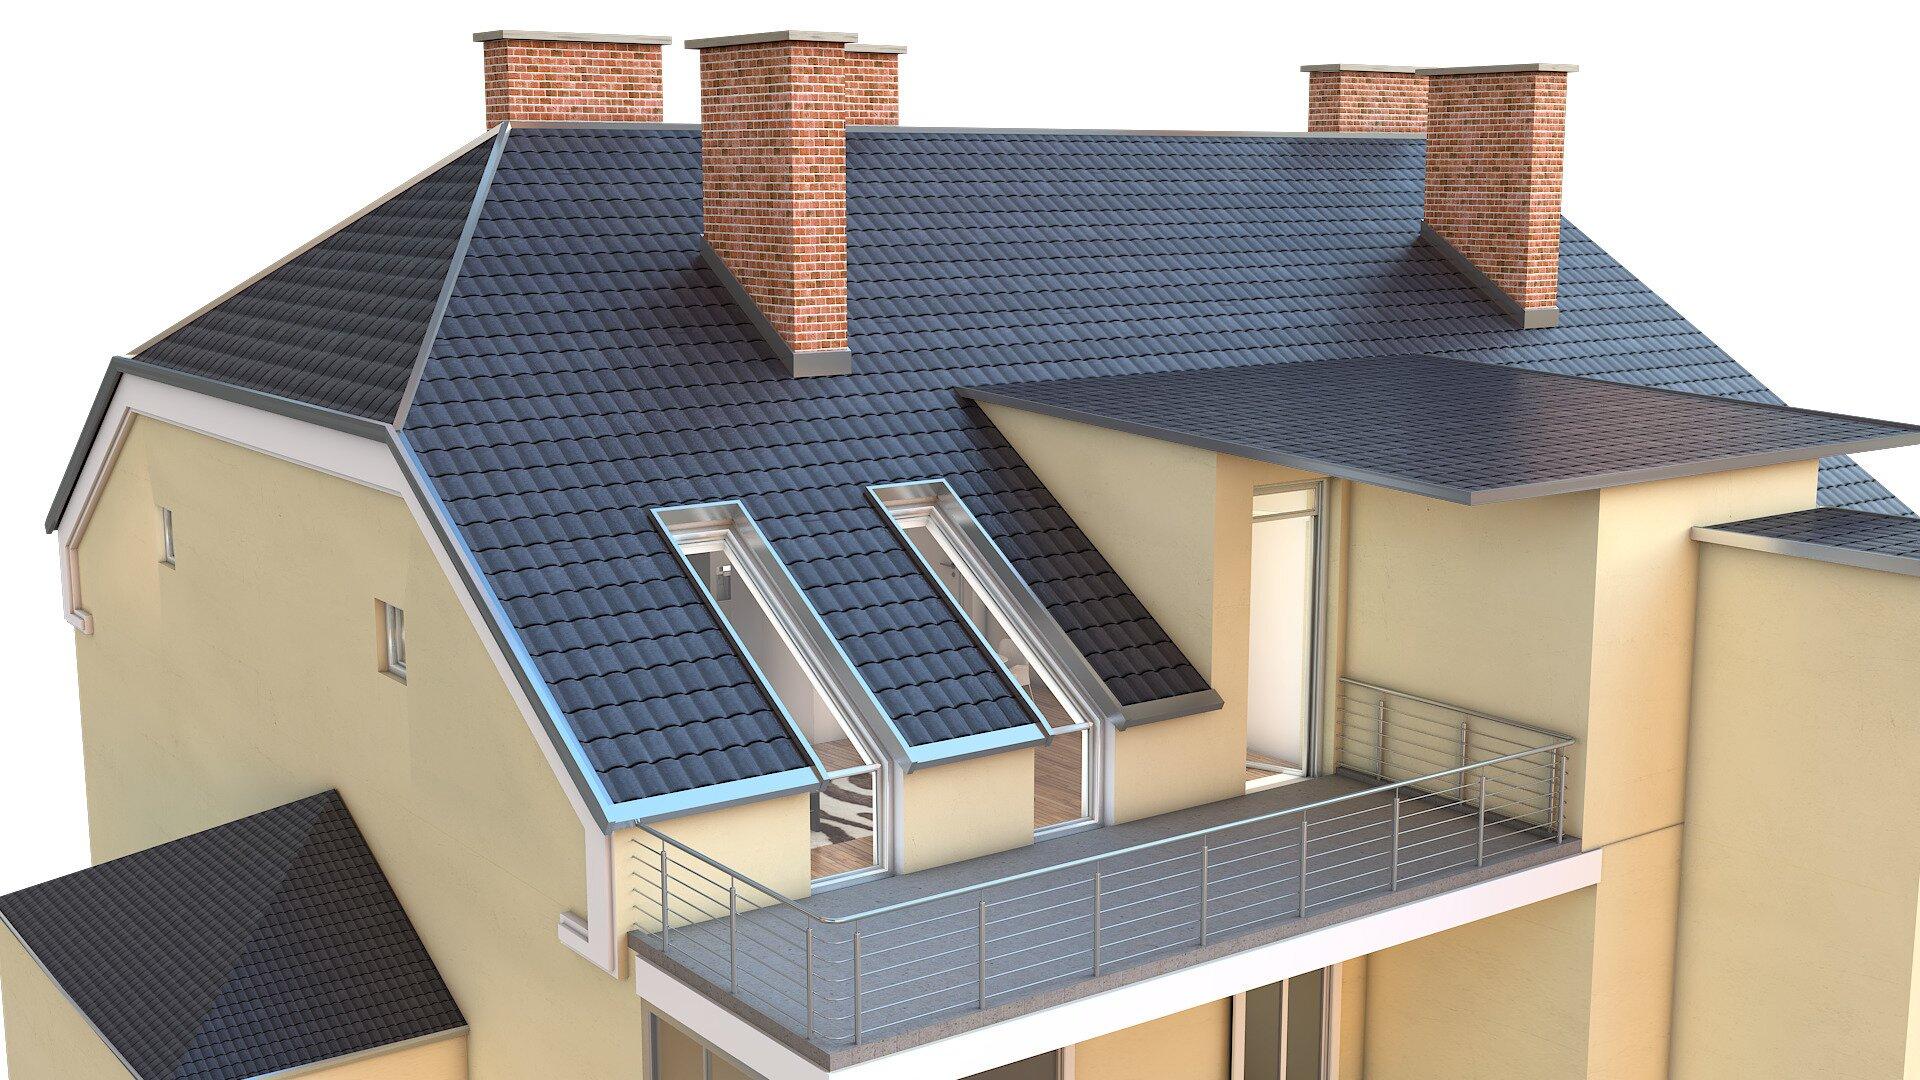 Penthousewohnung - Villach Kärnten - SAGENTUS Immobilien